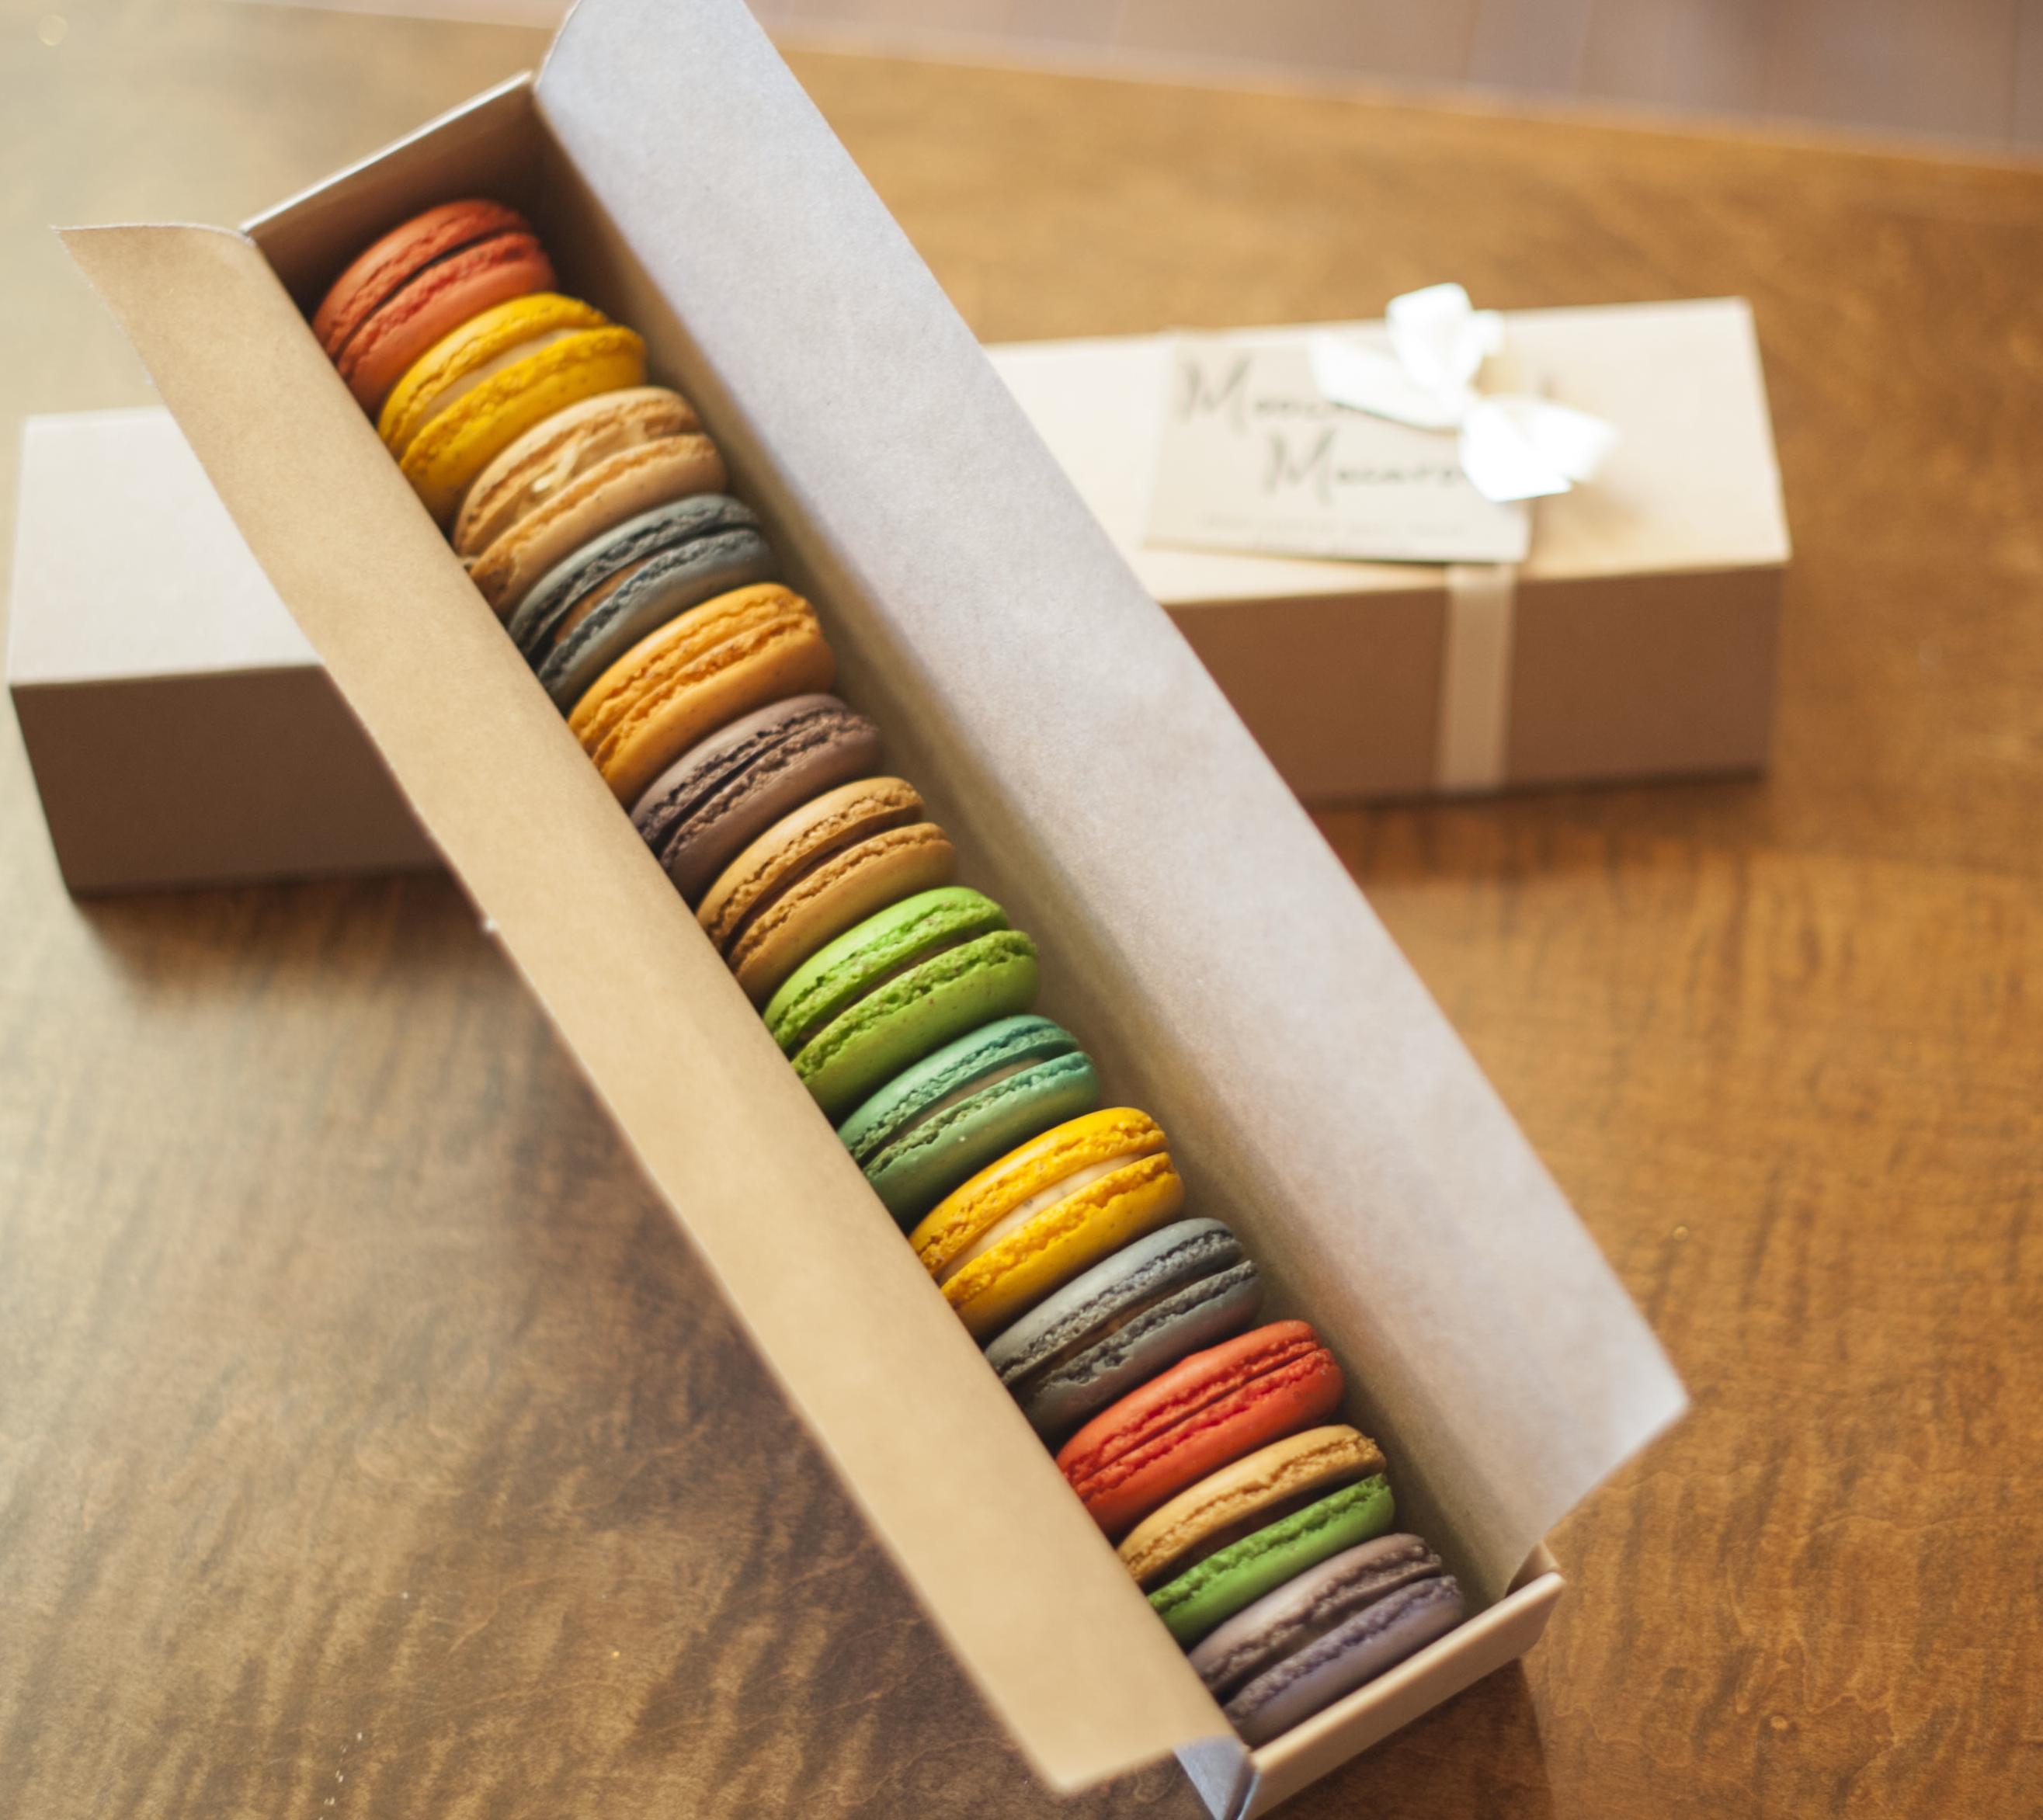 14-macaron gift box set | French Macaron Photos | Pinterest ...